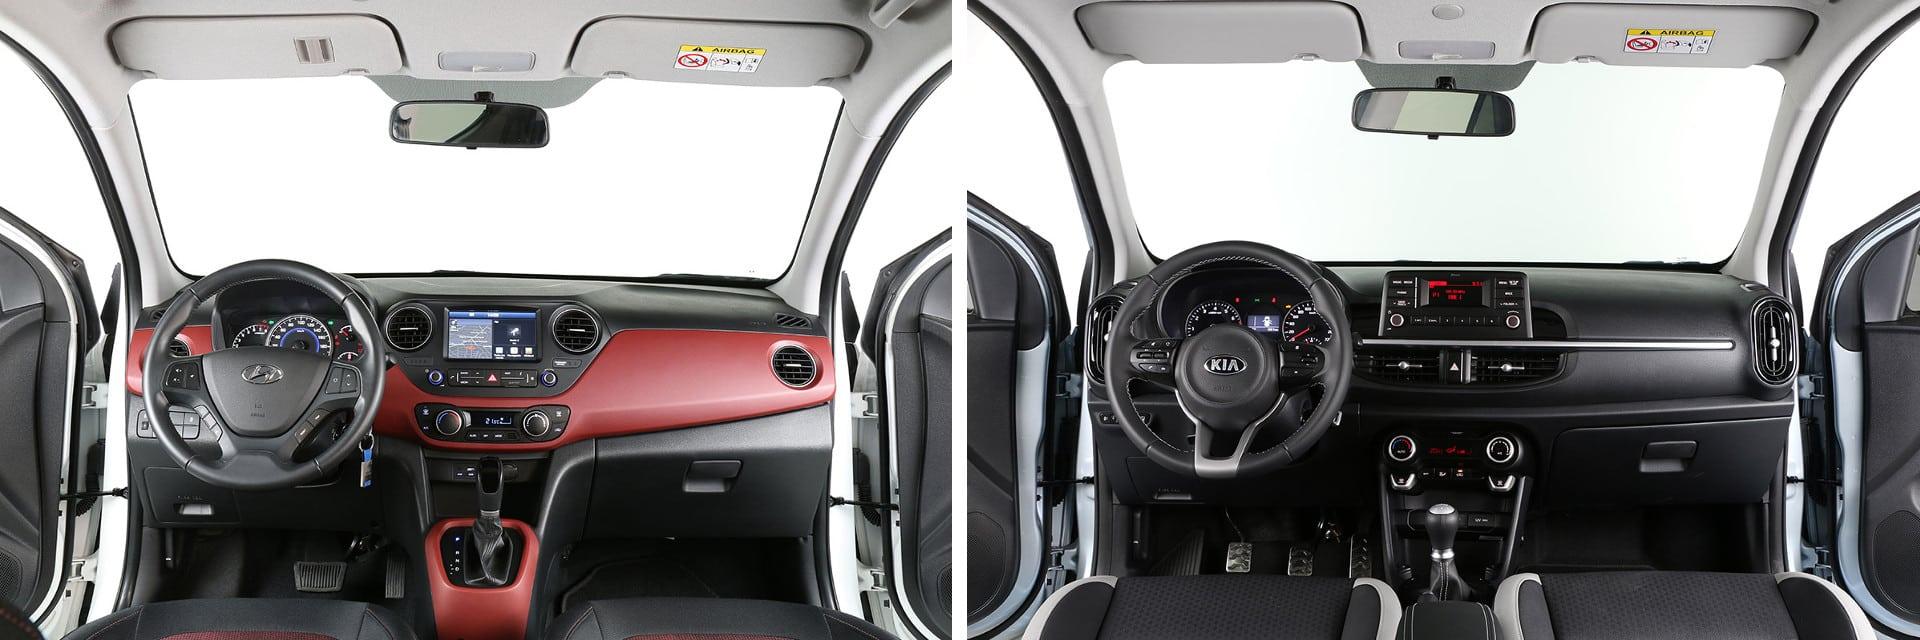 Ambos interiores están realizados con materiales de buena calidad. El aspecto del i10 (izq.) es más juvenil, mientras que el Picanto (dcha.) es más deportivo.